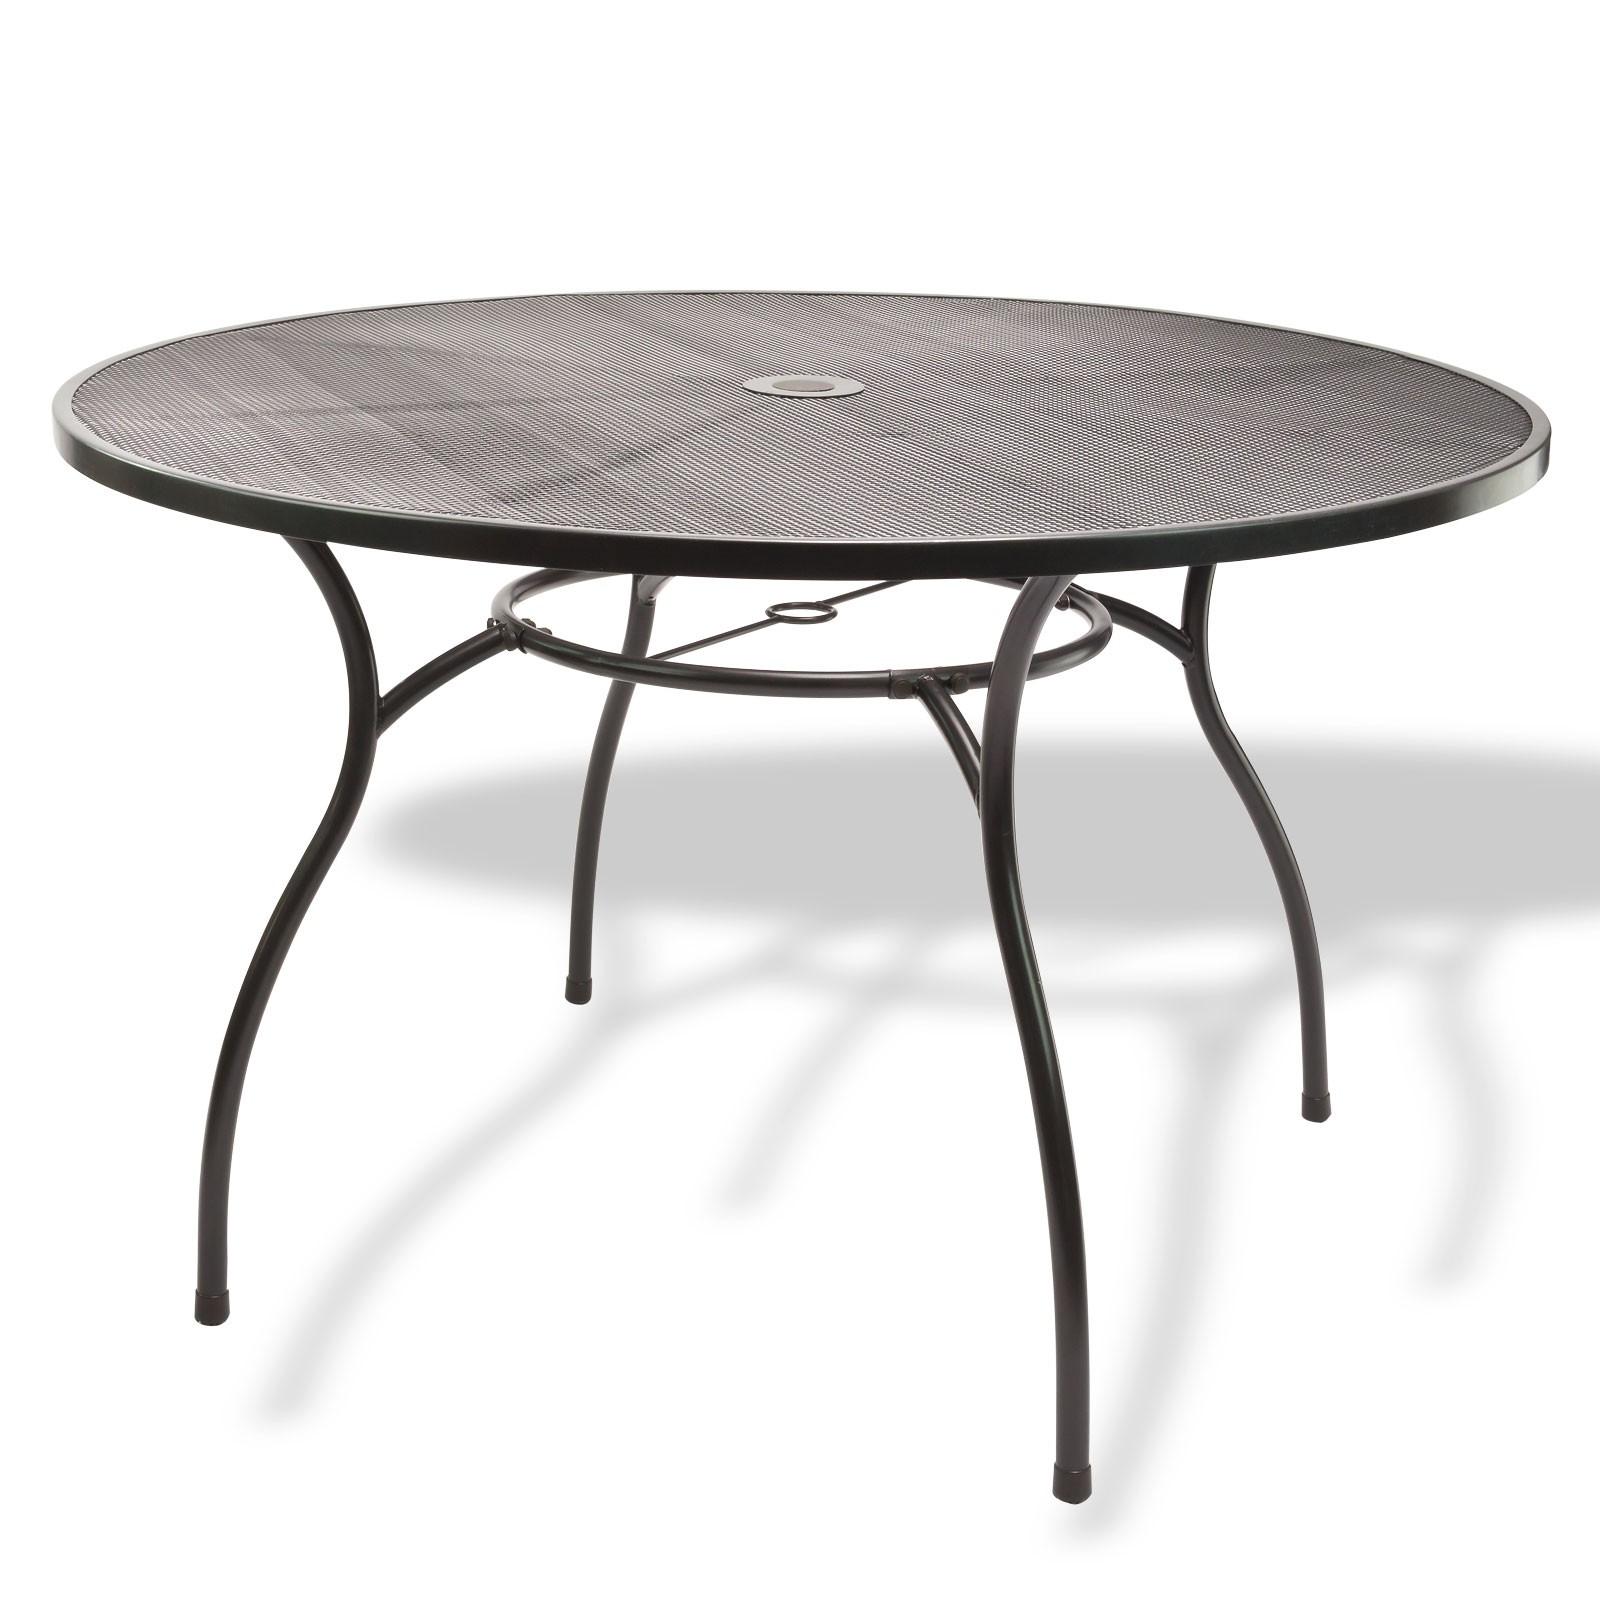 Gartenmöbel Metall 1 X Tisch Rund 120x71 + 4 X Stuhl Set